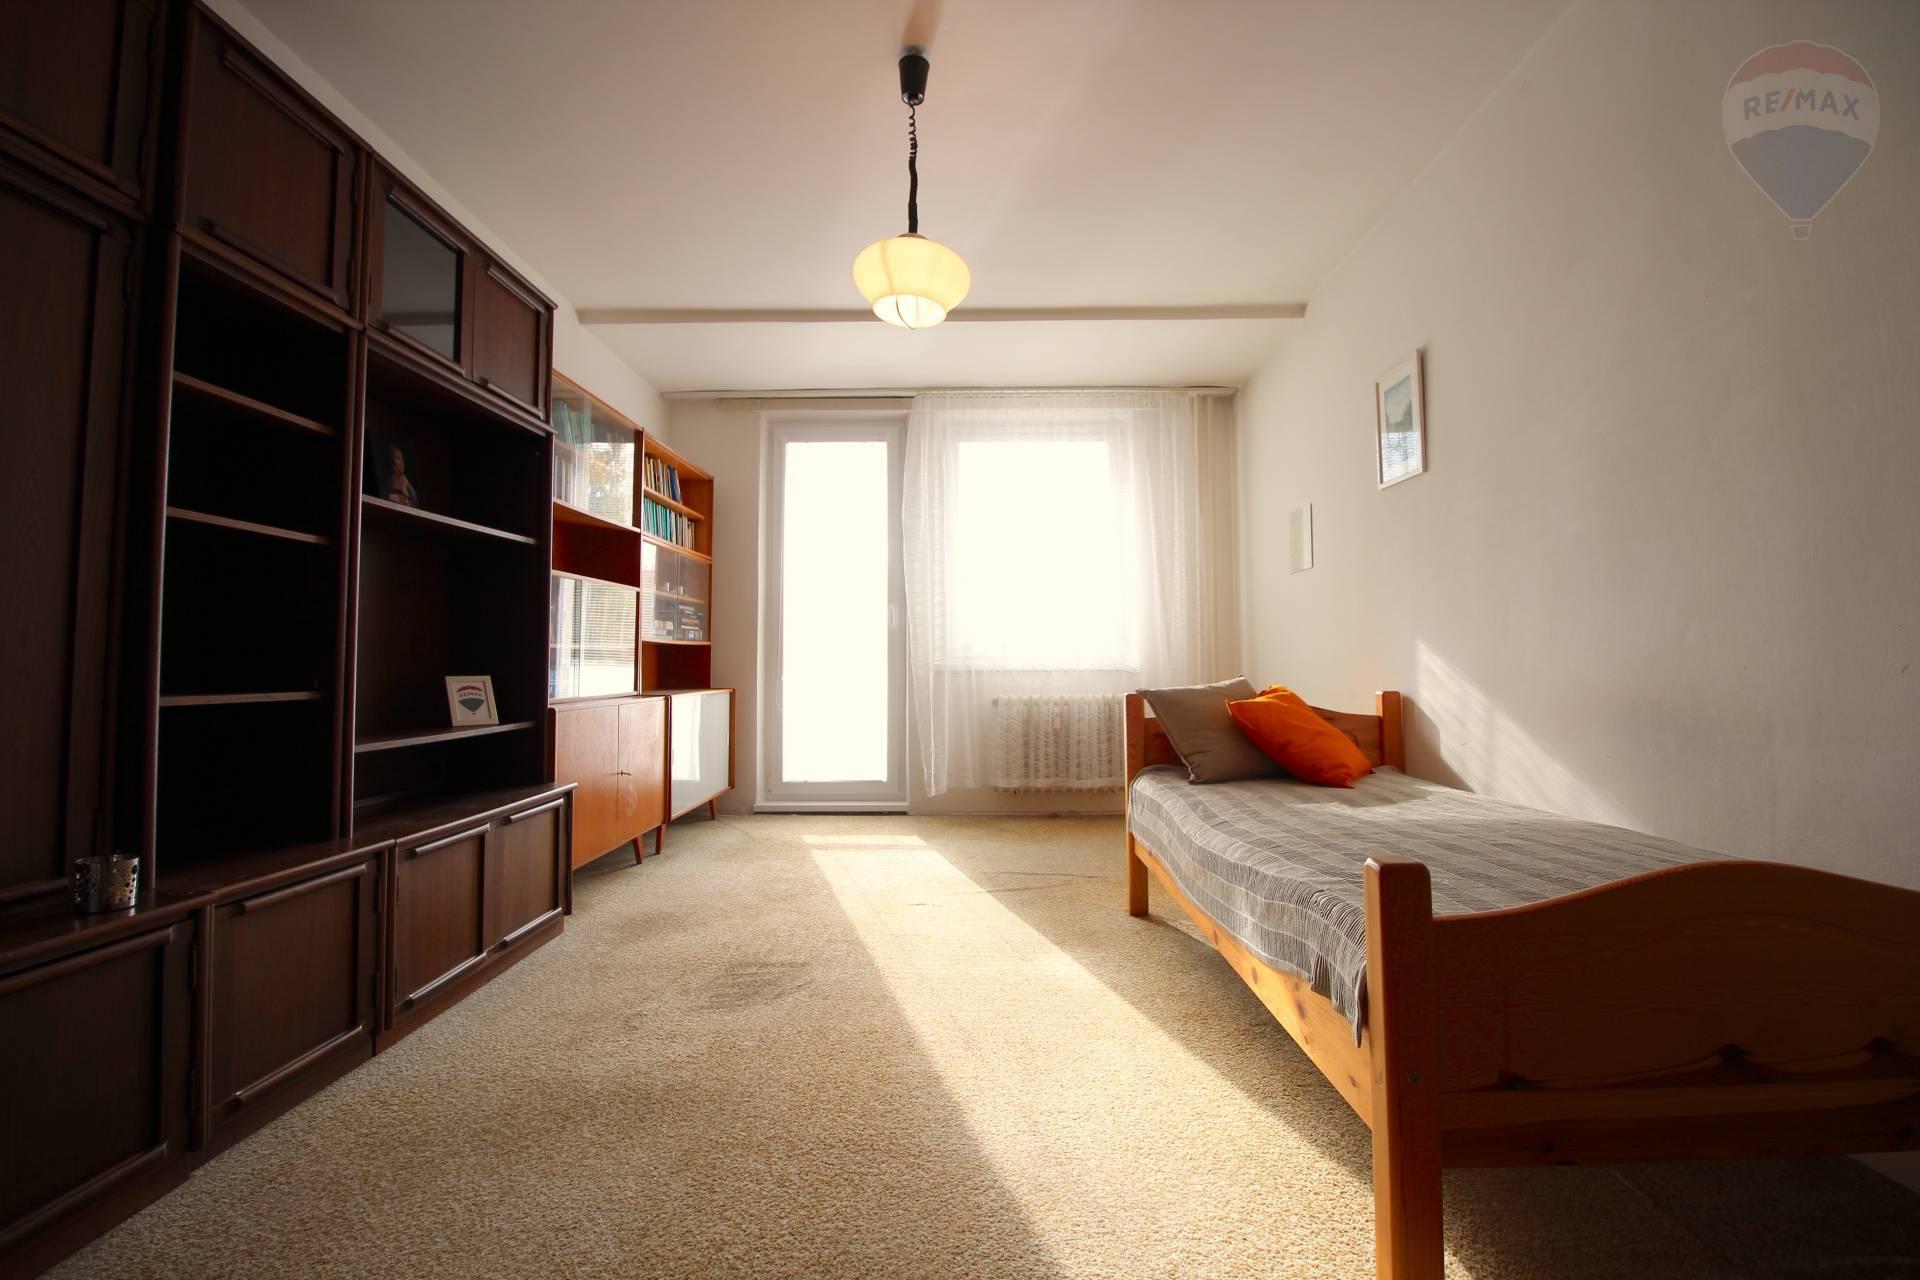 RE/MAX ponúka exkluzívne na predaj veľký 3 izbový byt na Vilovej ulici. Možné prerobiť na 4 izbový.